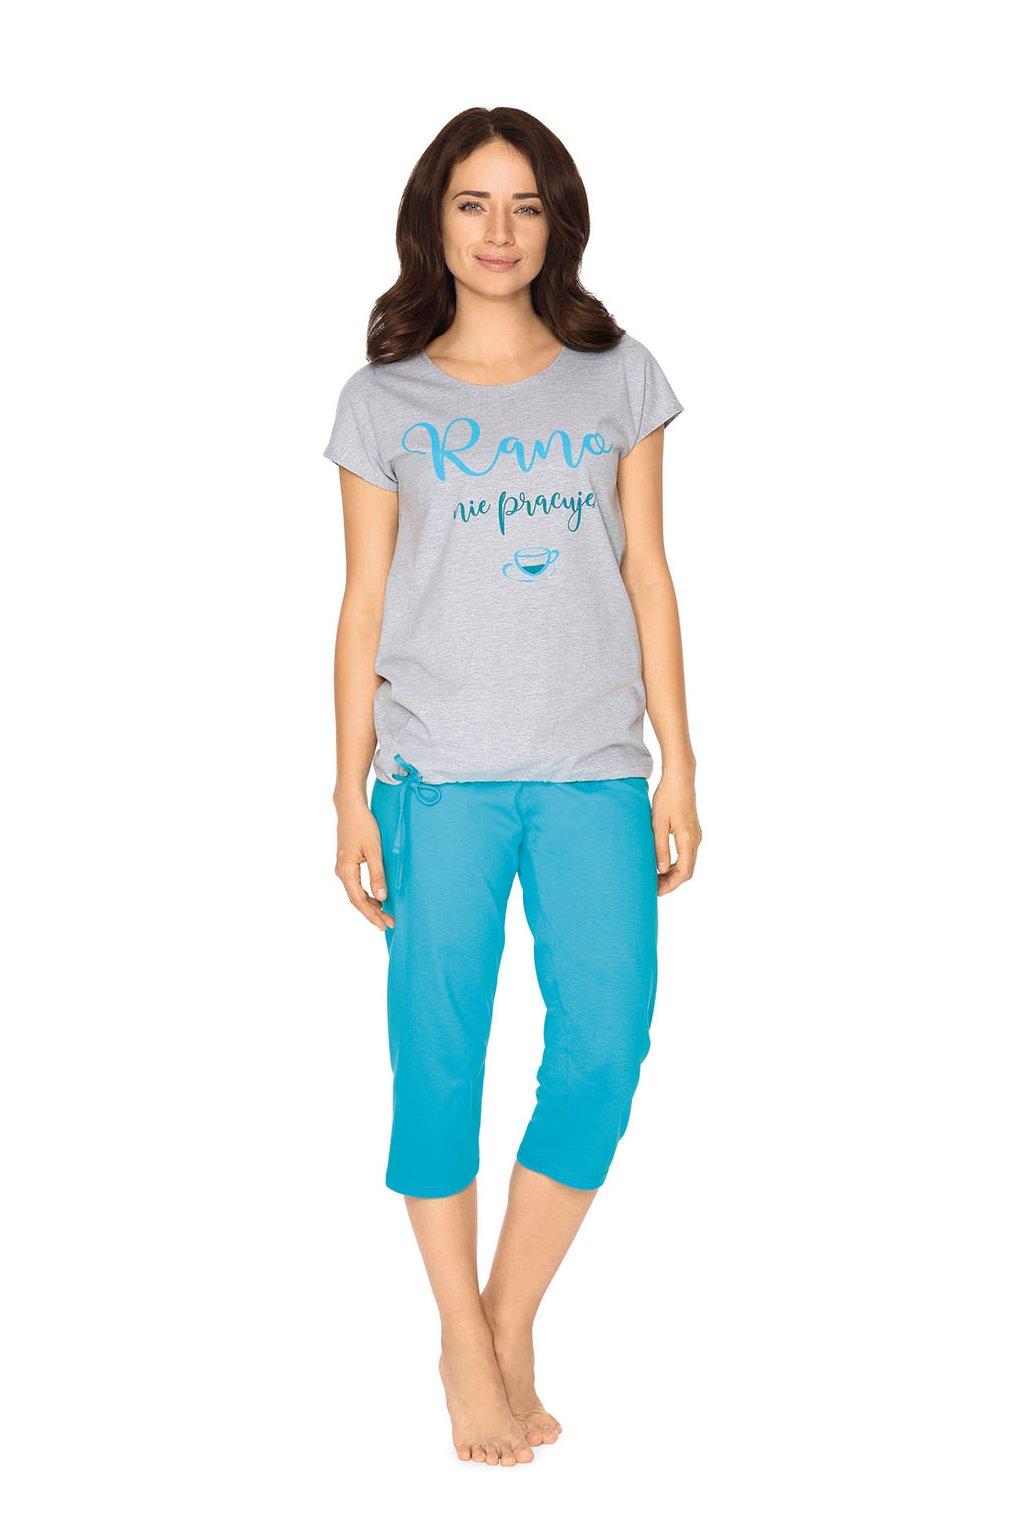 Dámské pyžamo s krátkým rukávem a 3/4 nohavicemi, 104512 30, šedá